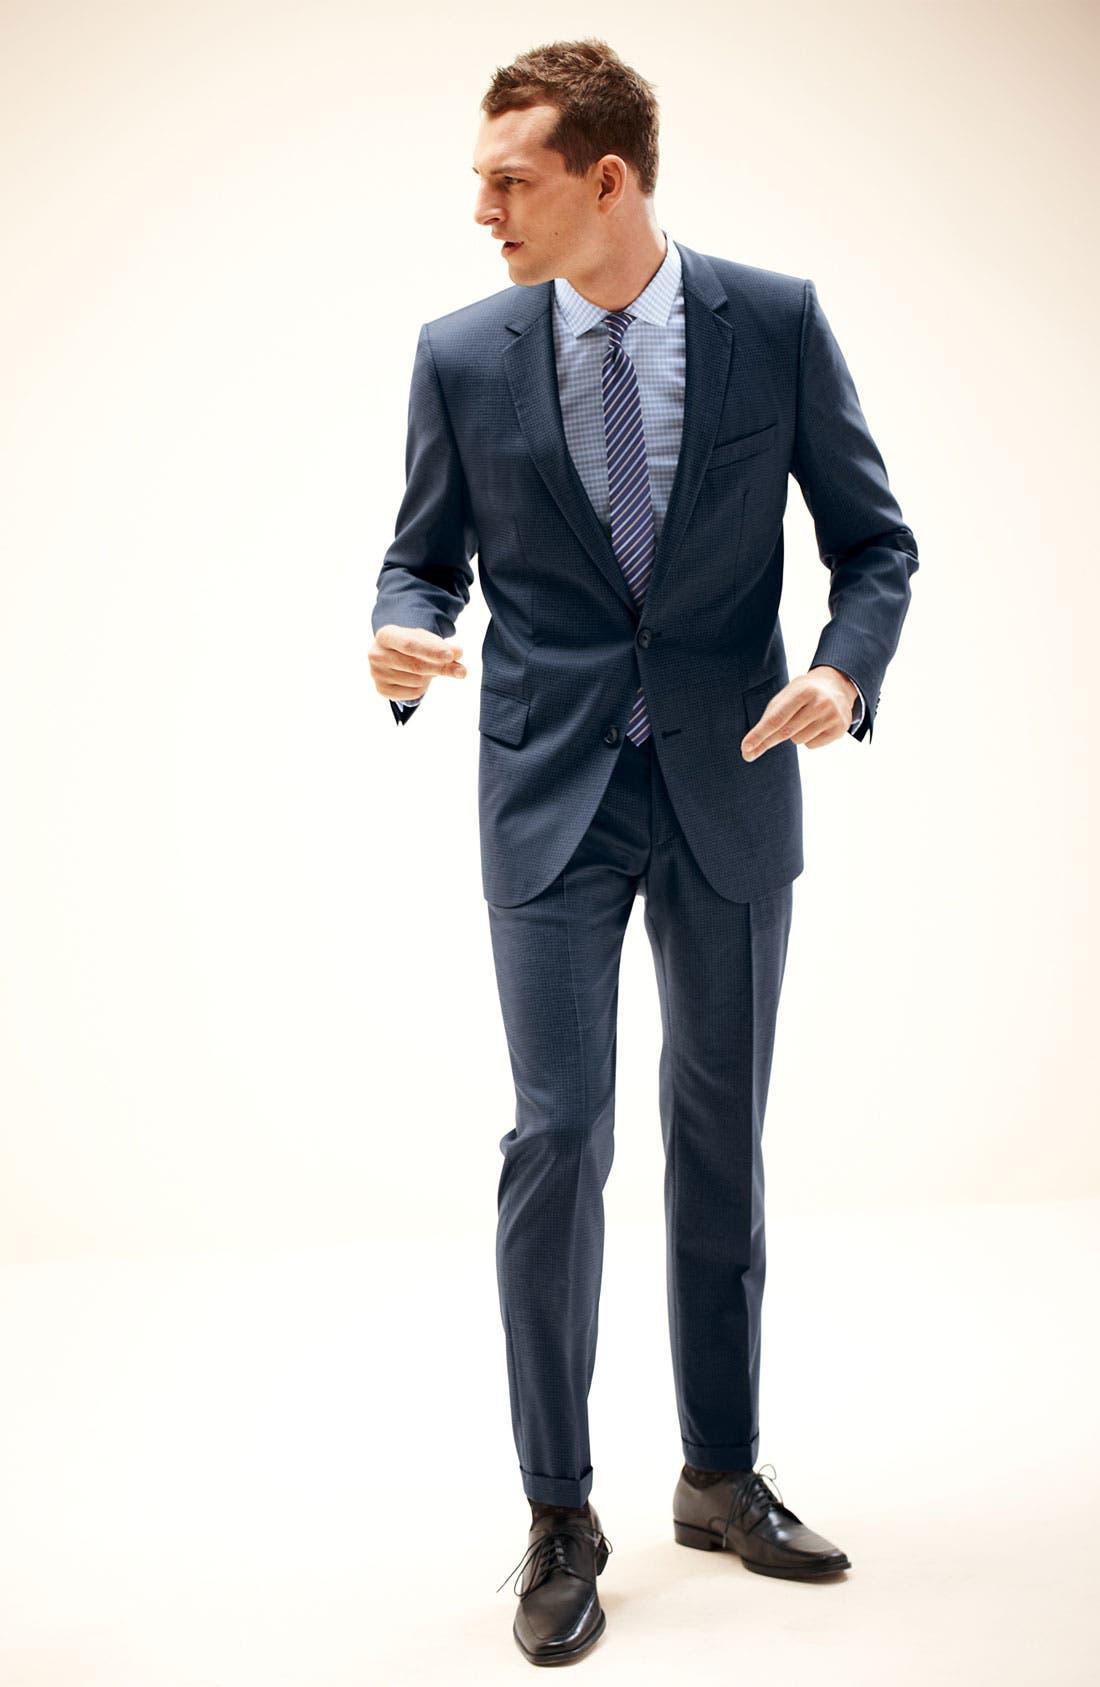 Main Image - HUGO Suit & Dress Shirt